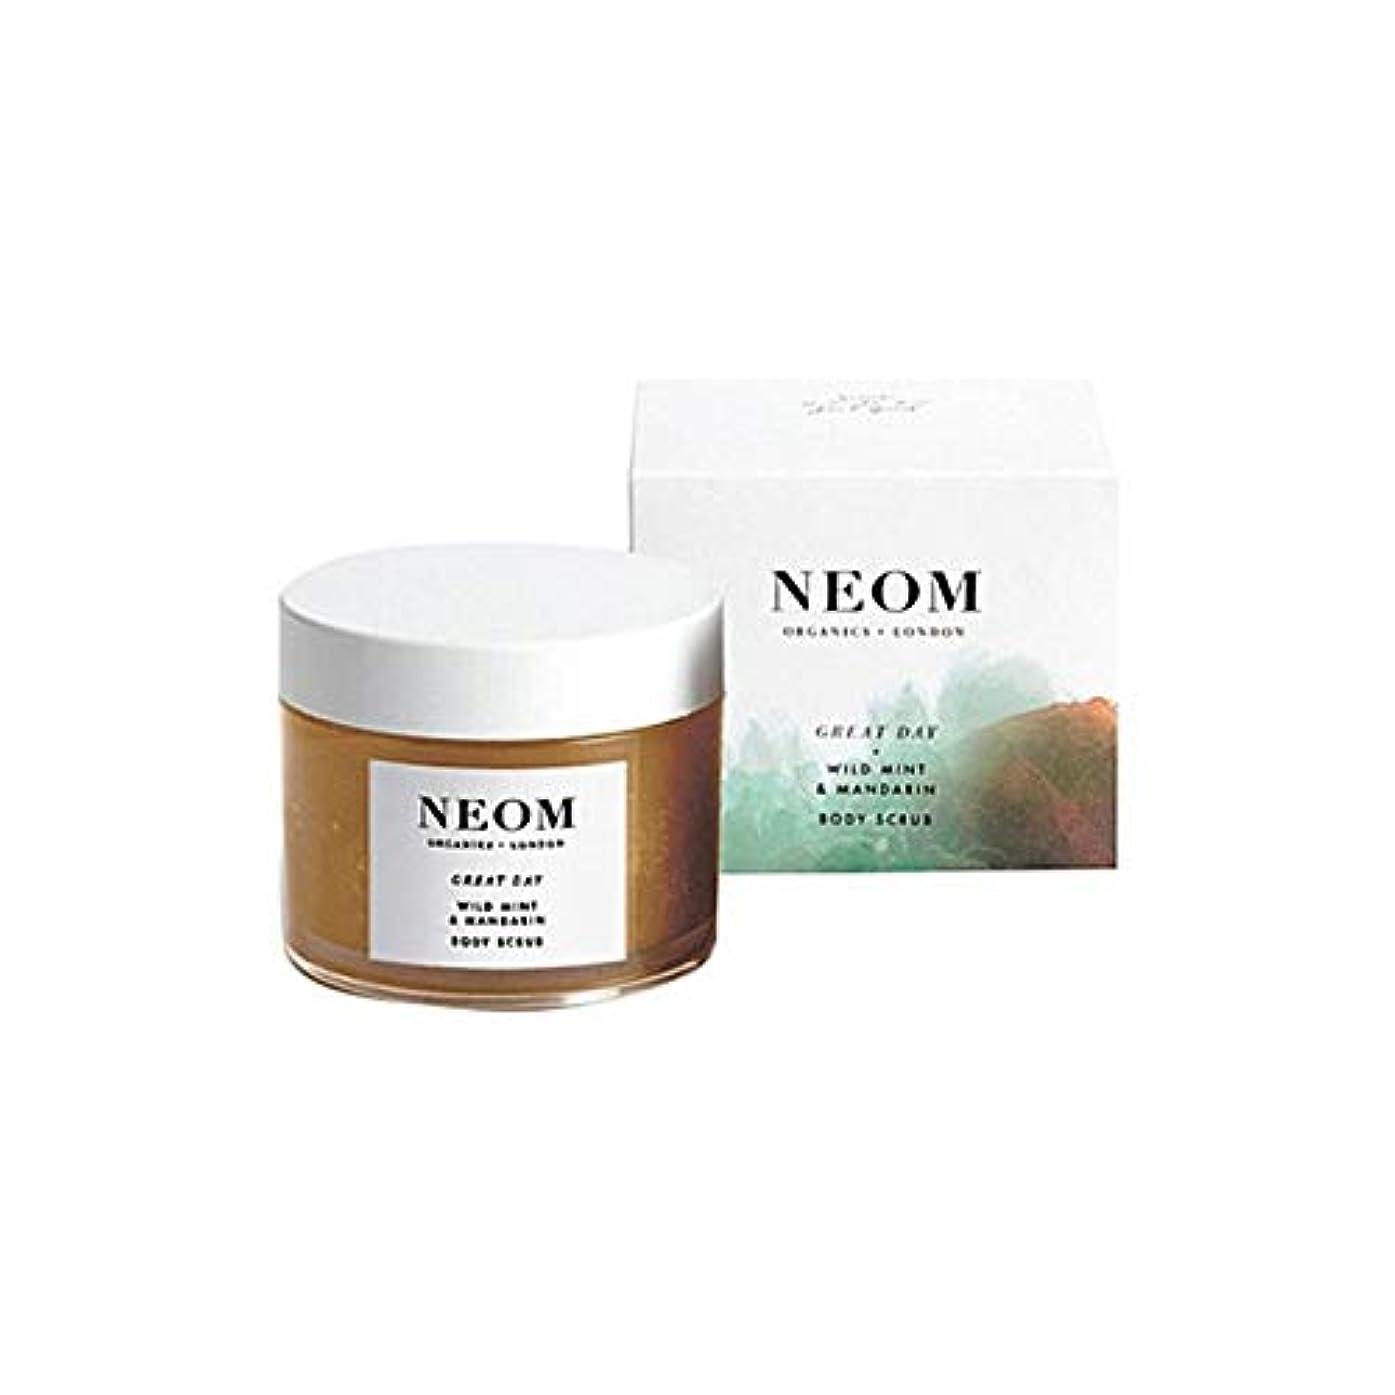 本体思い出すブレンド[Neom] Neom高級有機物素晴らしい一日ボディスクラブ332グラム - Neom Luxury Organics Great Day Body Scrub 332G [並行輸入品]